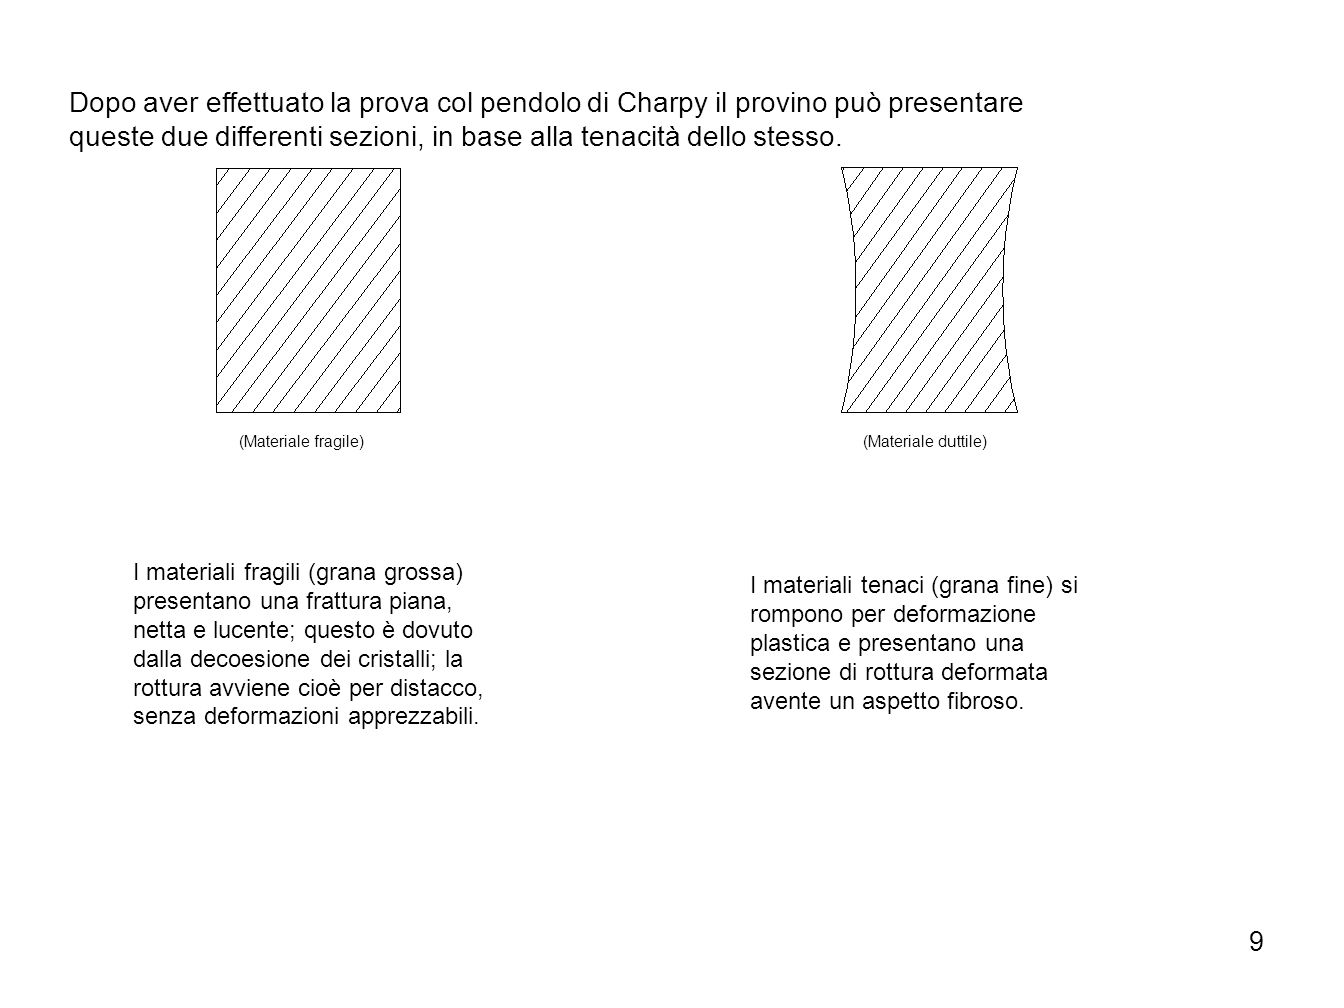 Dopo aver effettuato la prova col pendolo di Charpy il provino può presentare queste due differenti sezioni, in base alla tenacità dello stesso.